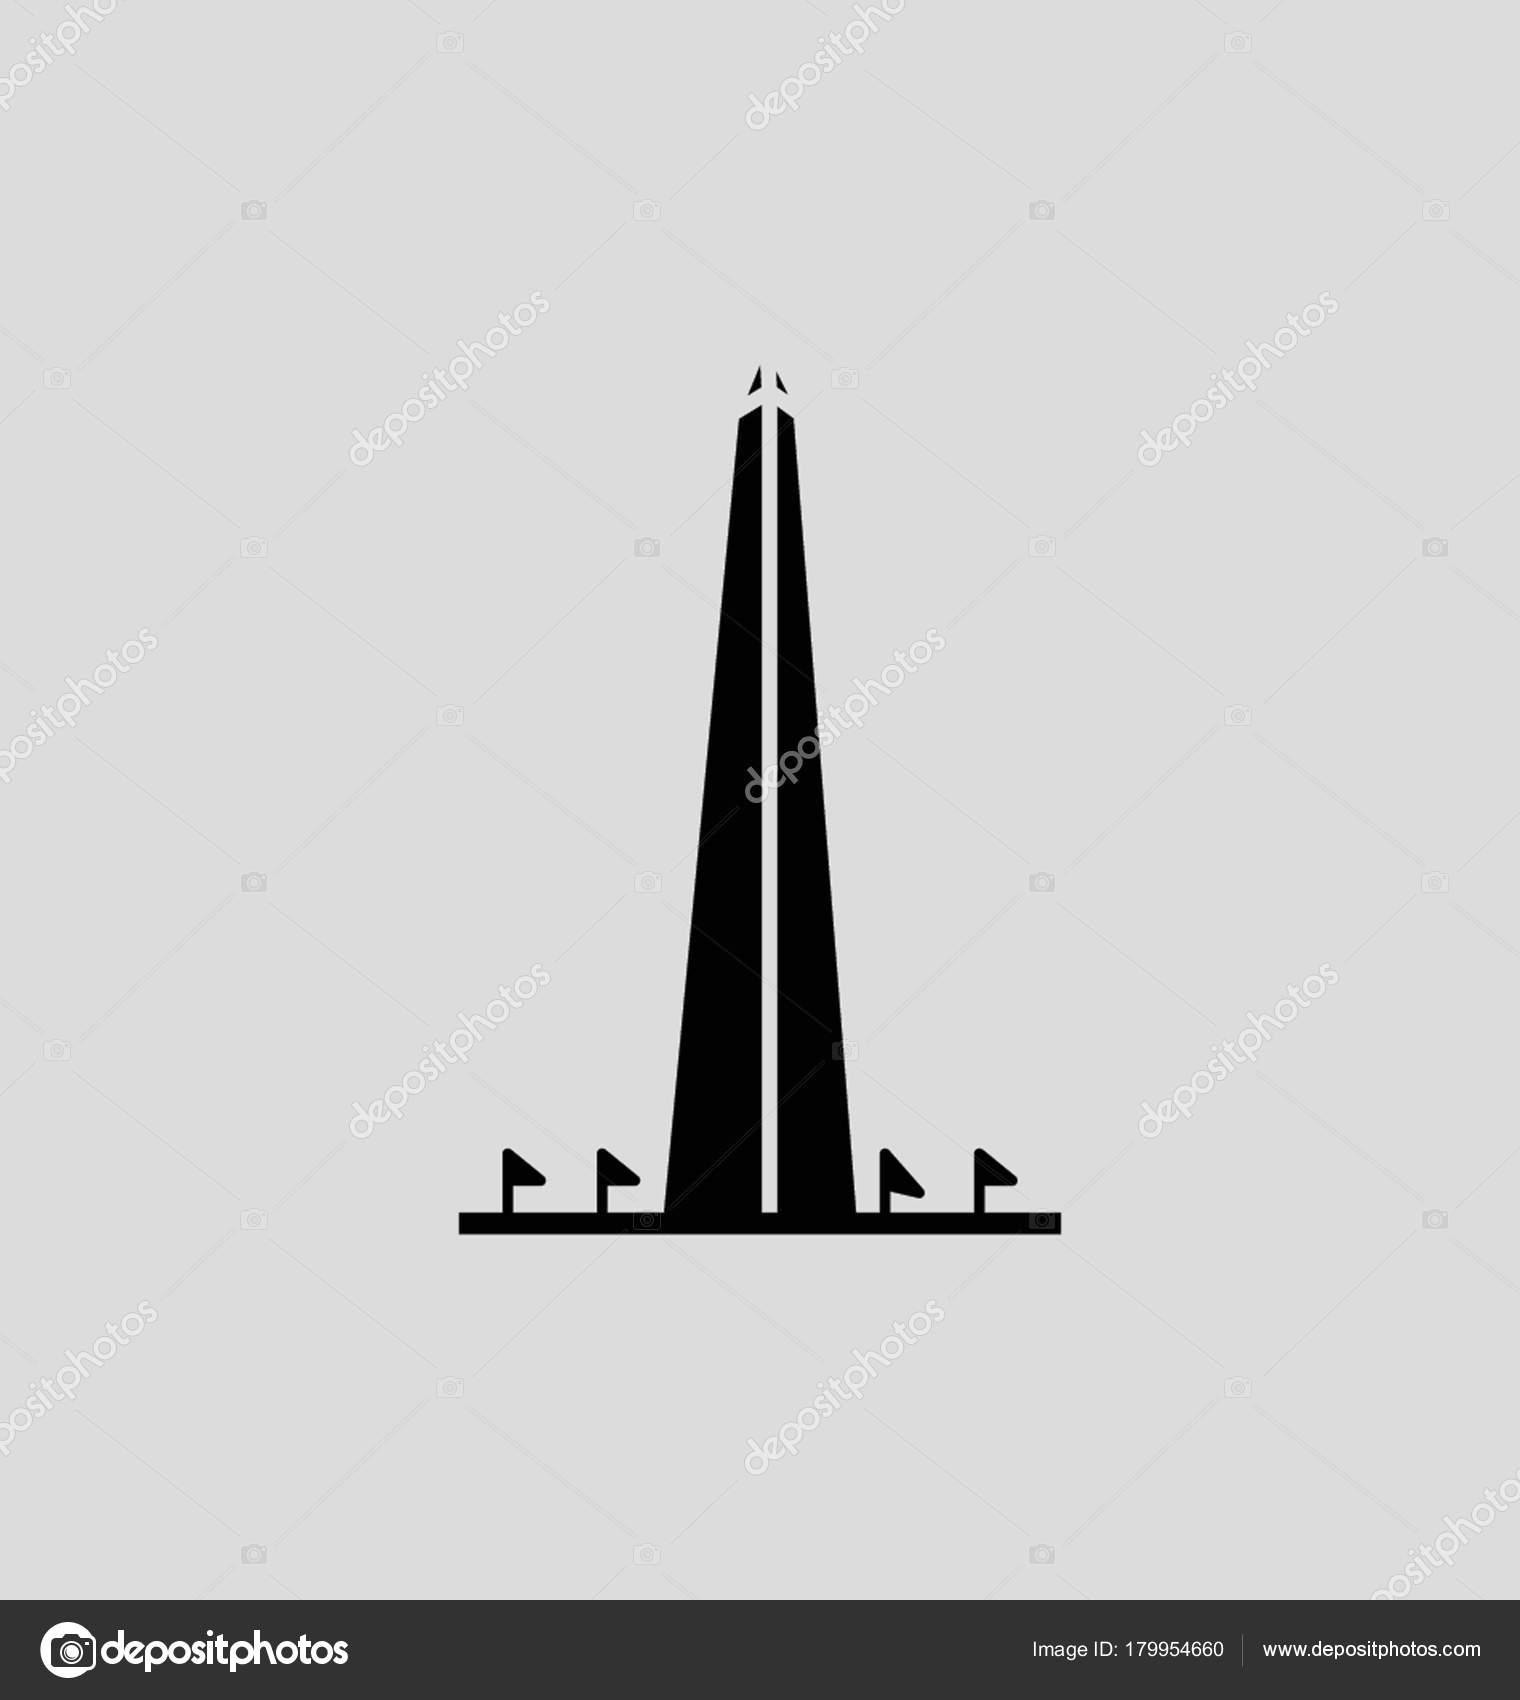 Washington monument silhouette photo